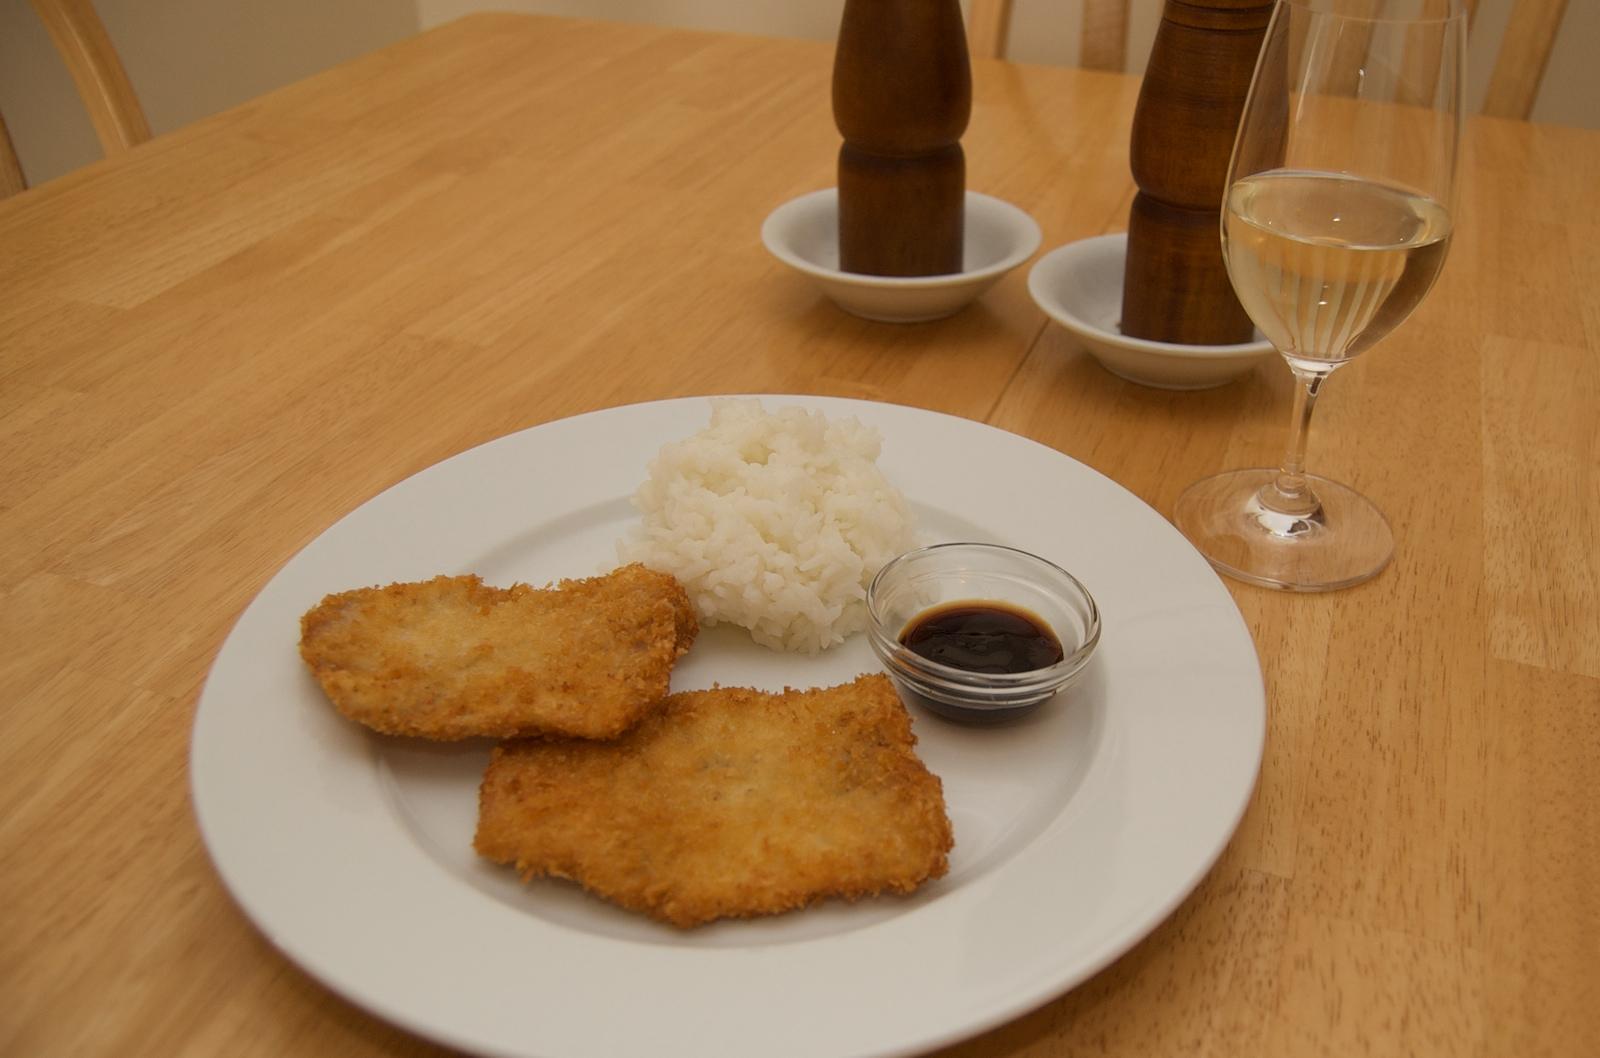 http://blog.rickk.com/food/2010/03/21/tonkatsu1.jpg